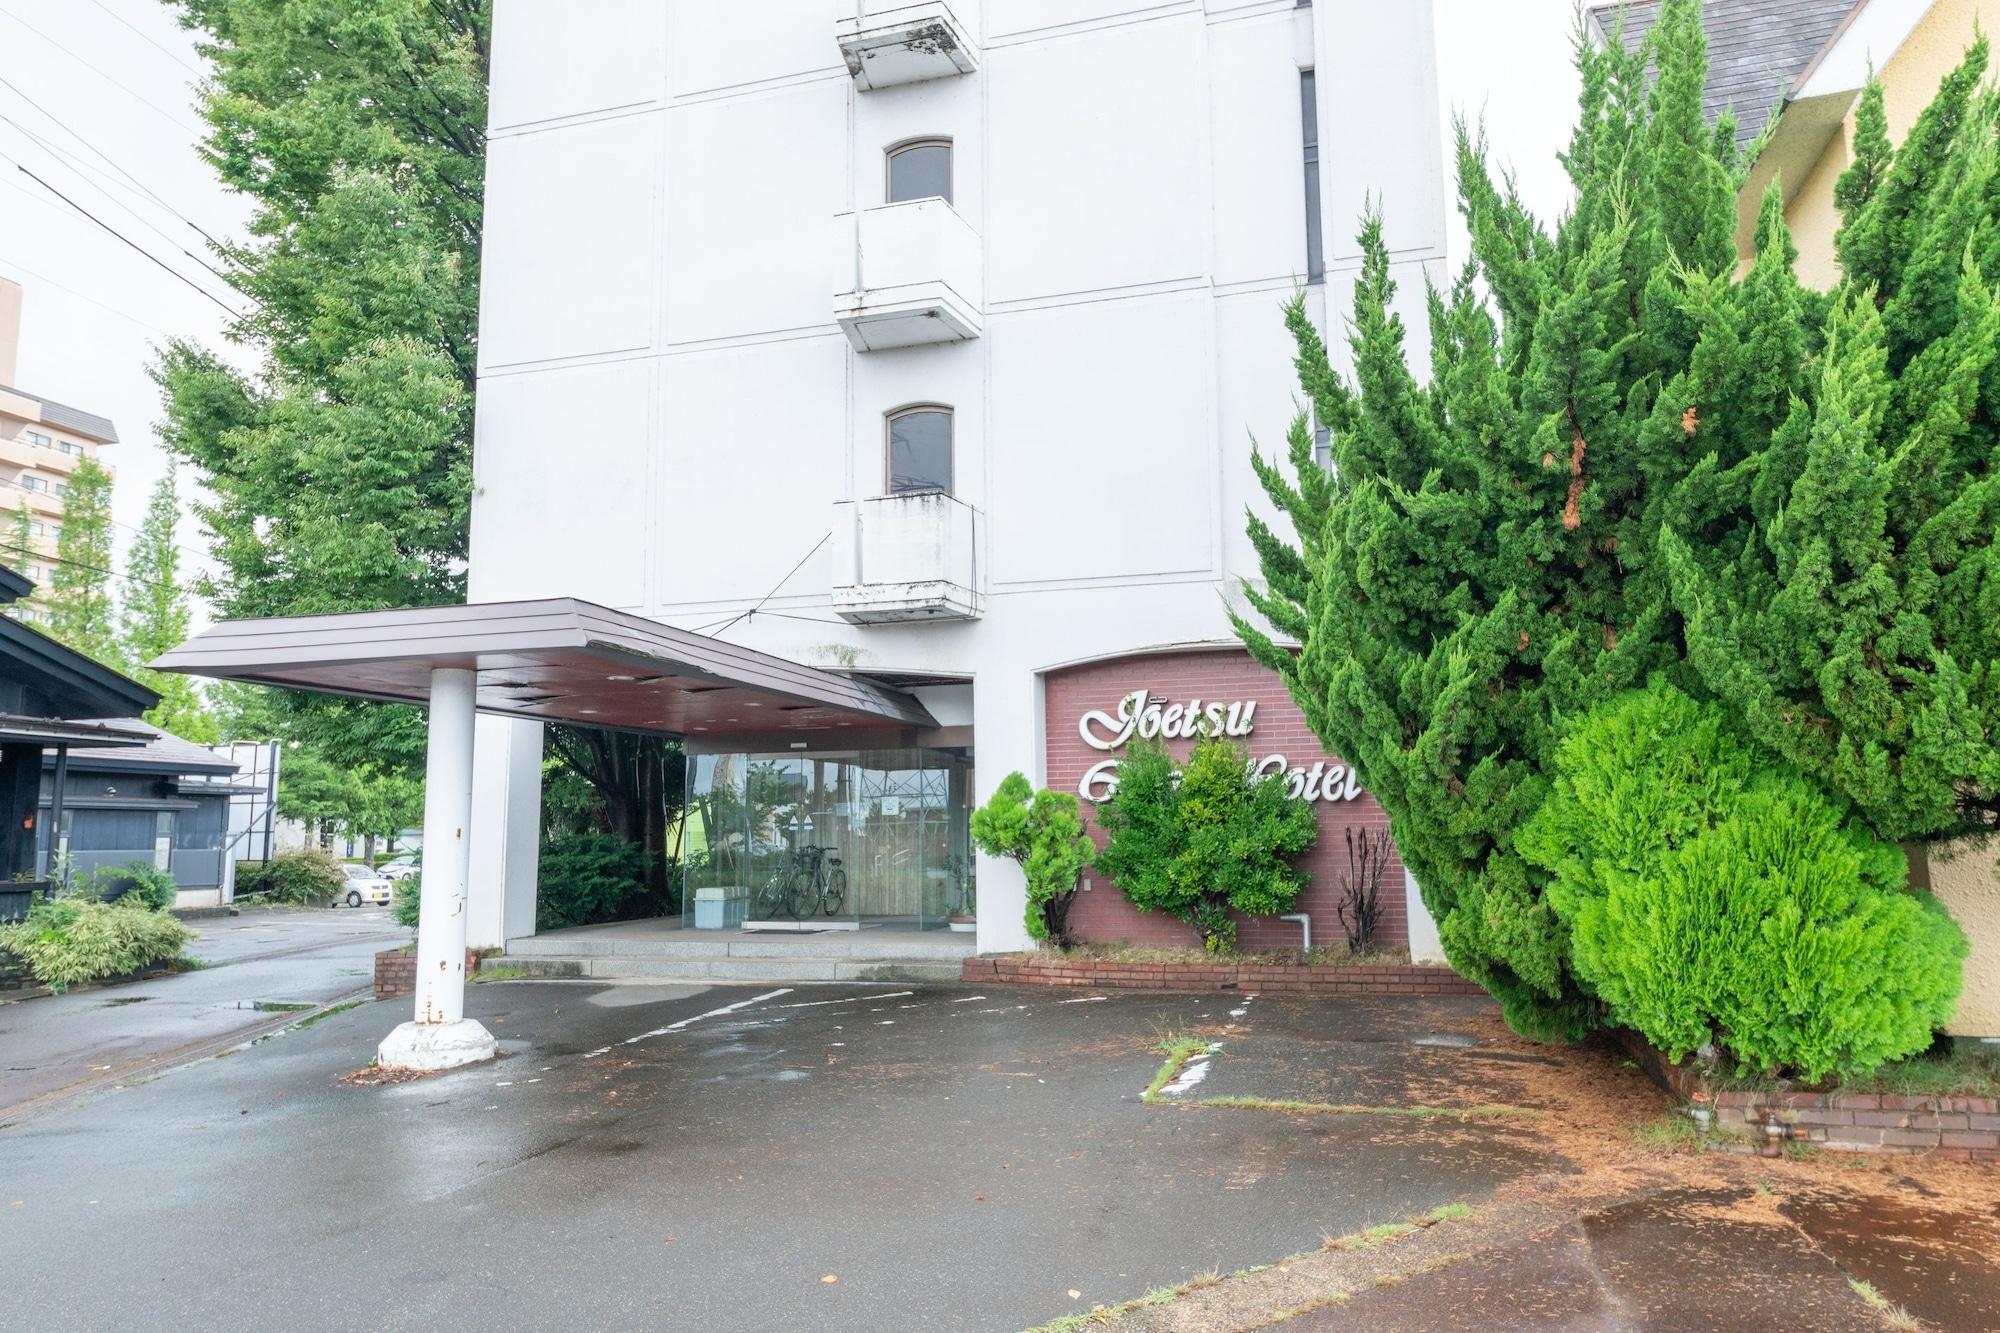 OYO 44264 Joetsu City Hotel, Jōetsu